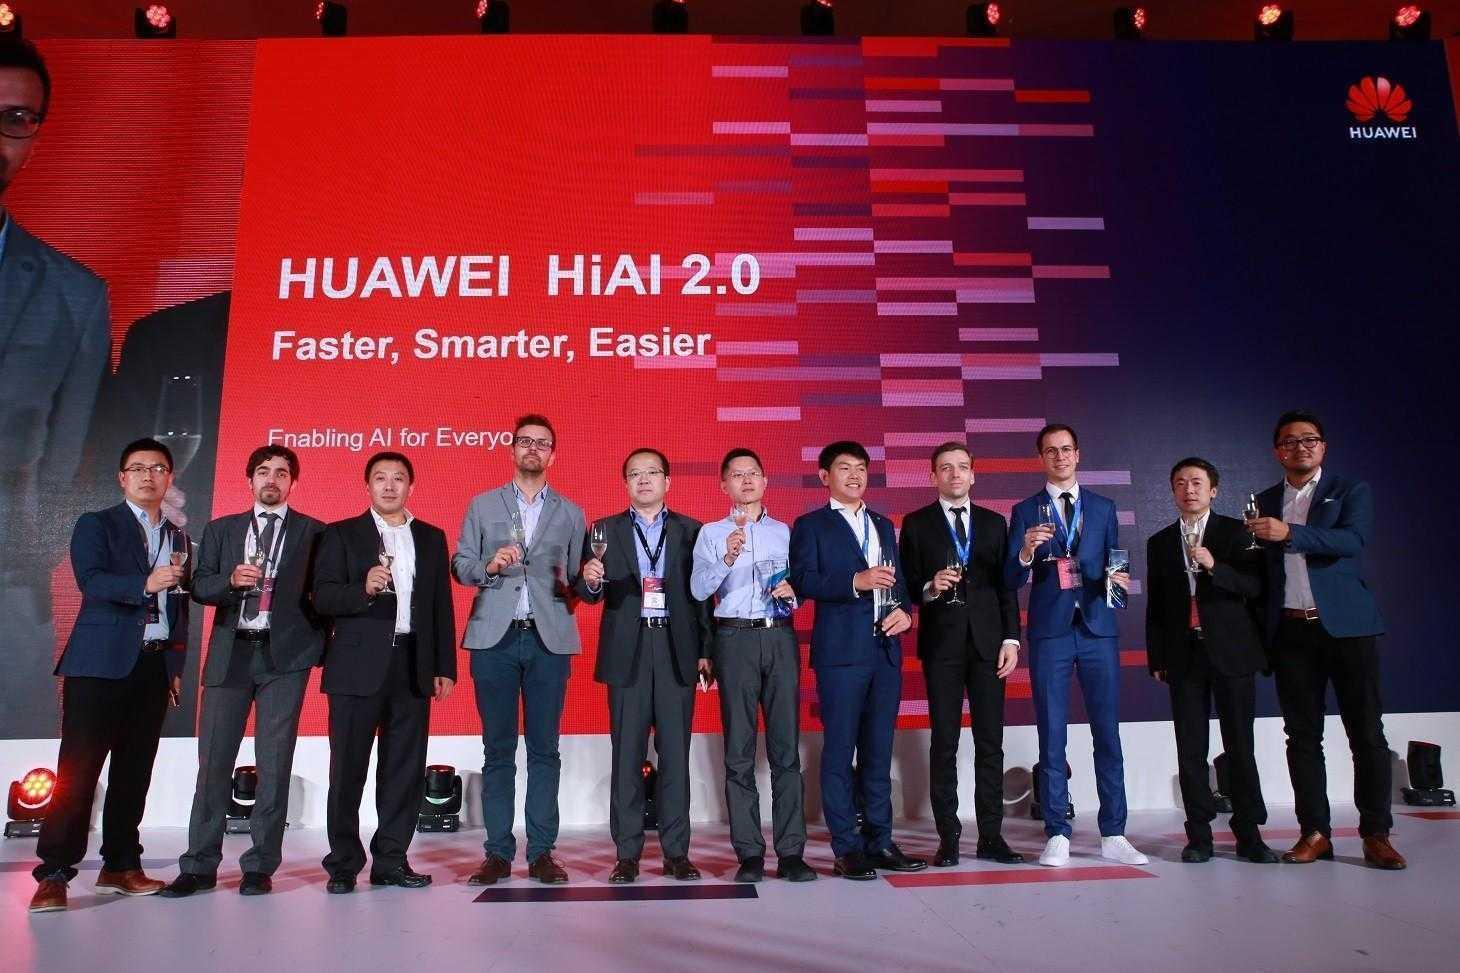 Huawei выпустил новую экосистему HiAI 2.0